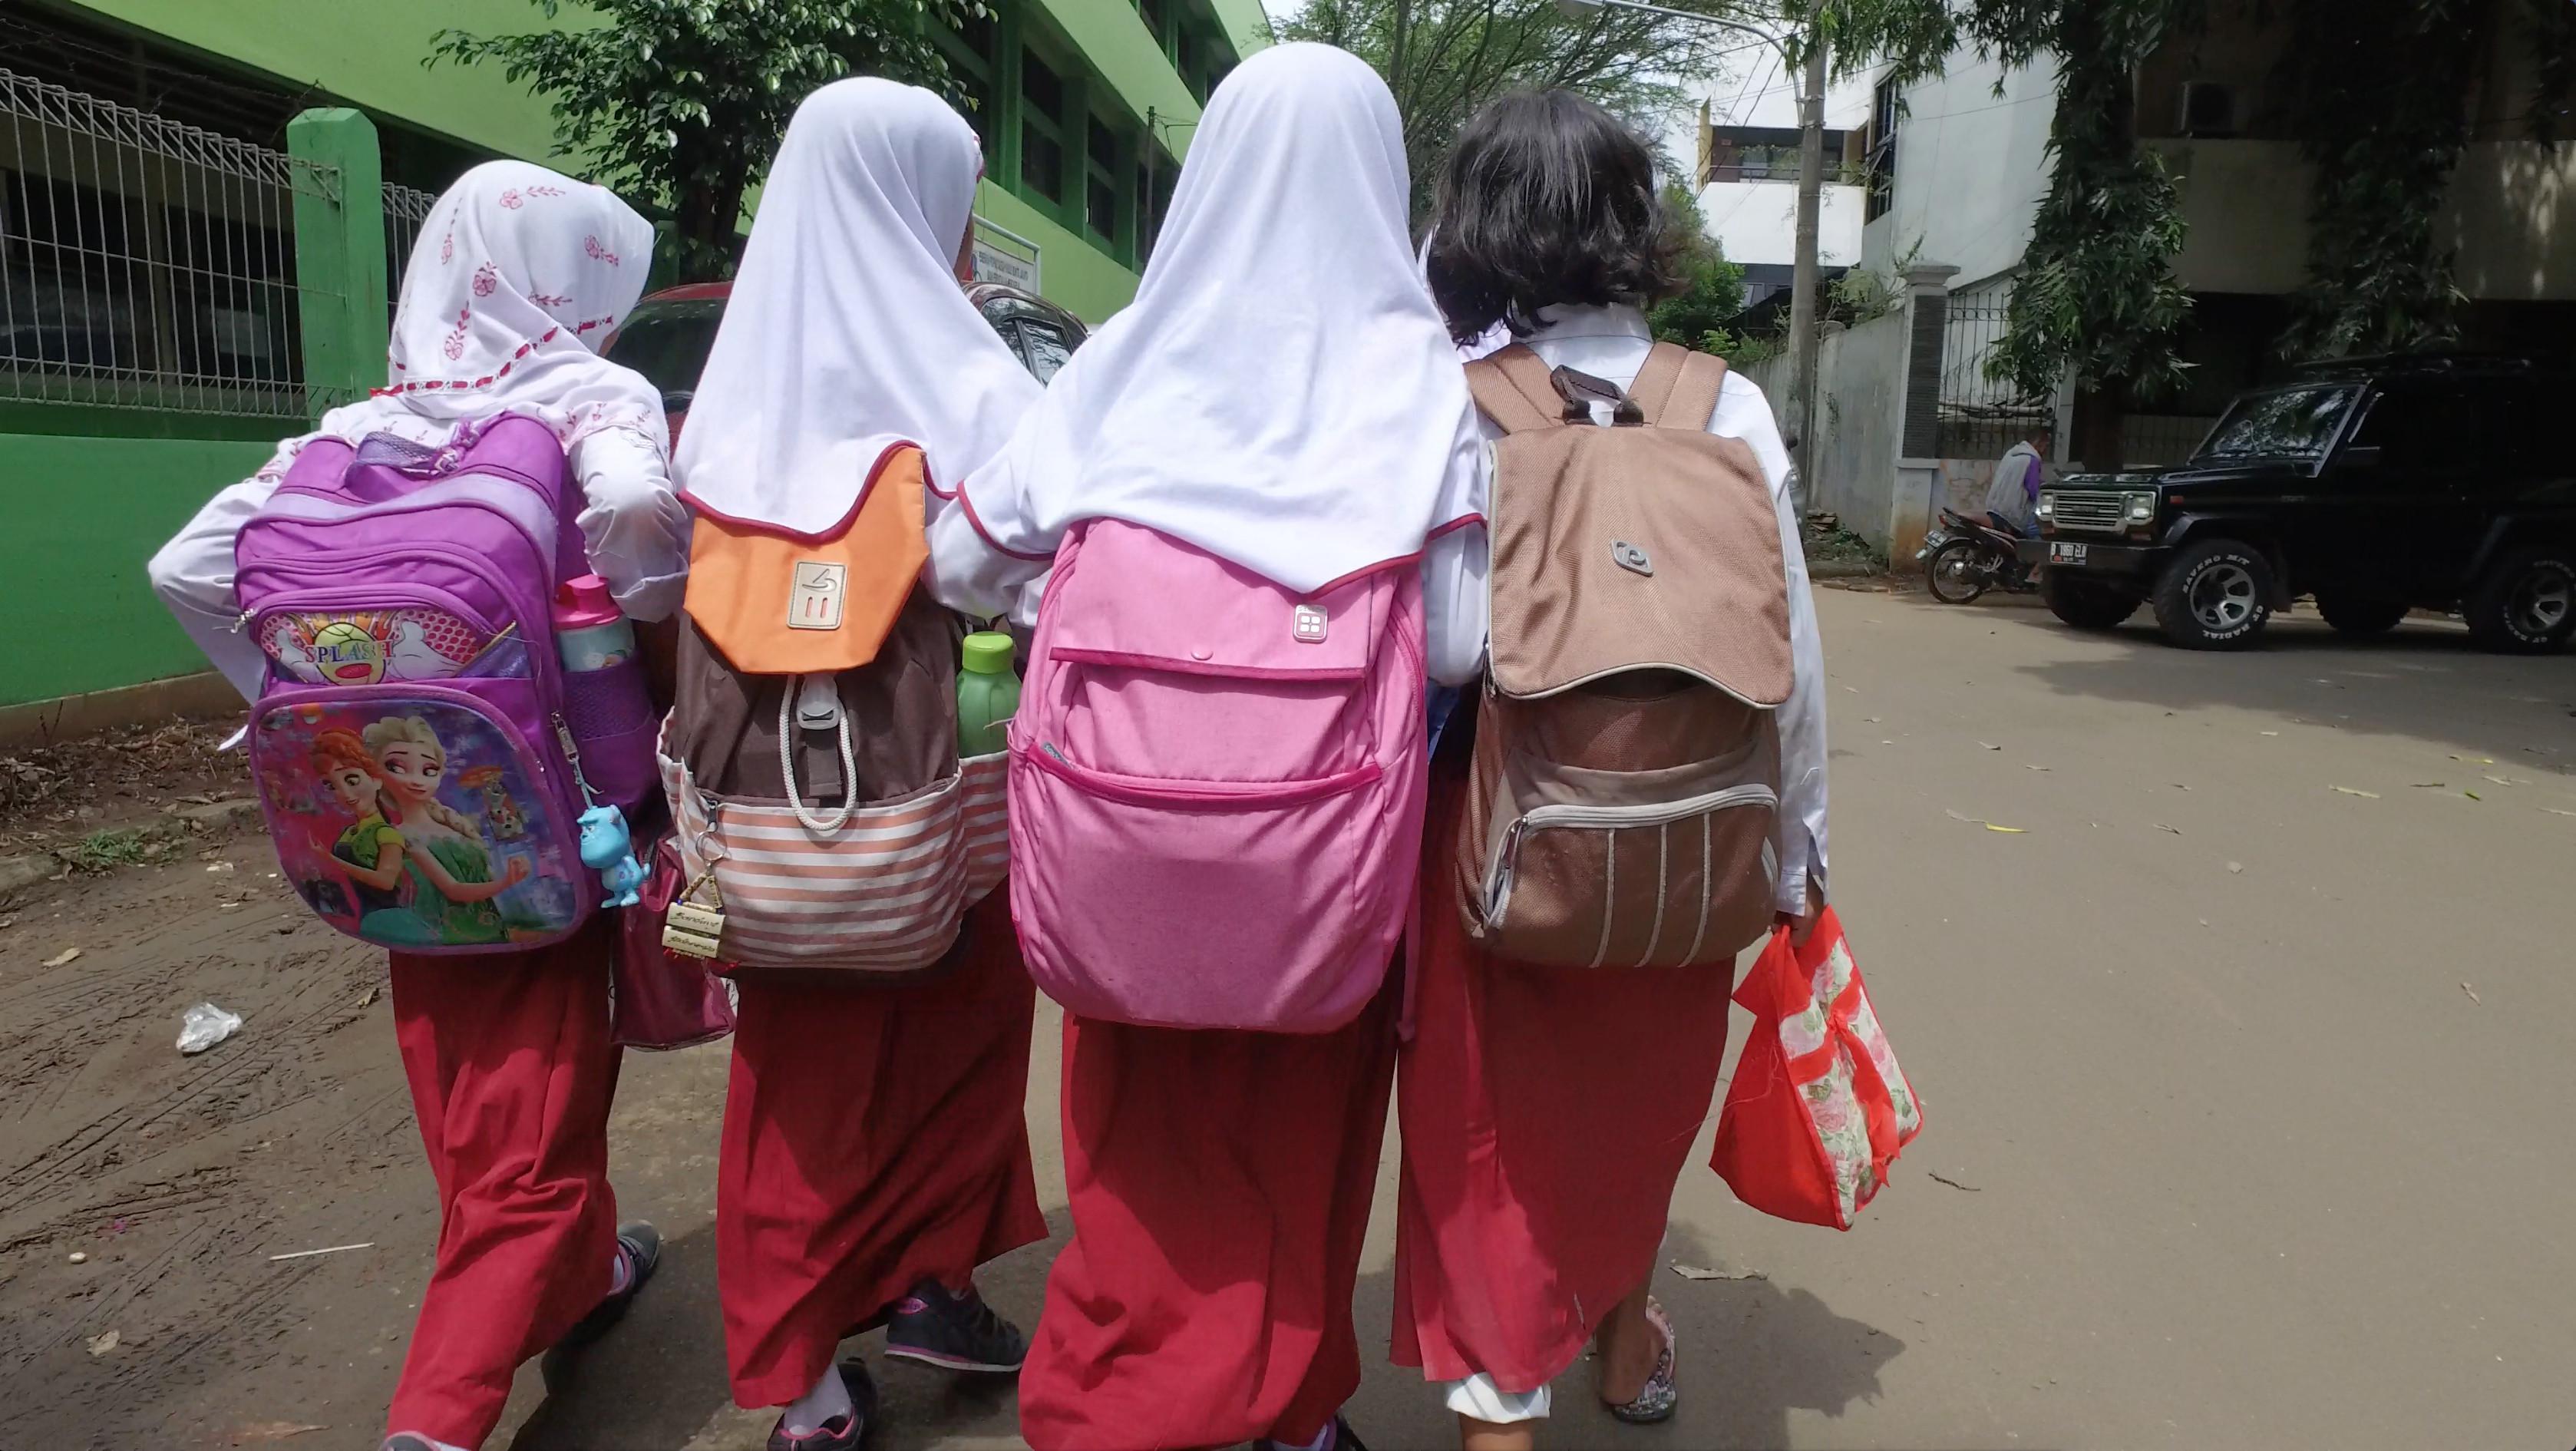 Sejumlah Anak SD Menggendong Tas yang kelebihan Beban (Liputan6.com/Mochamad Khadafi)